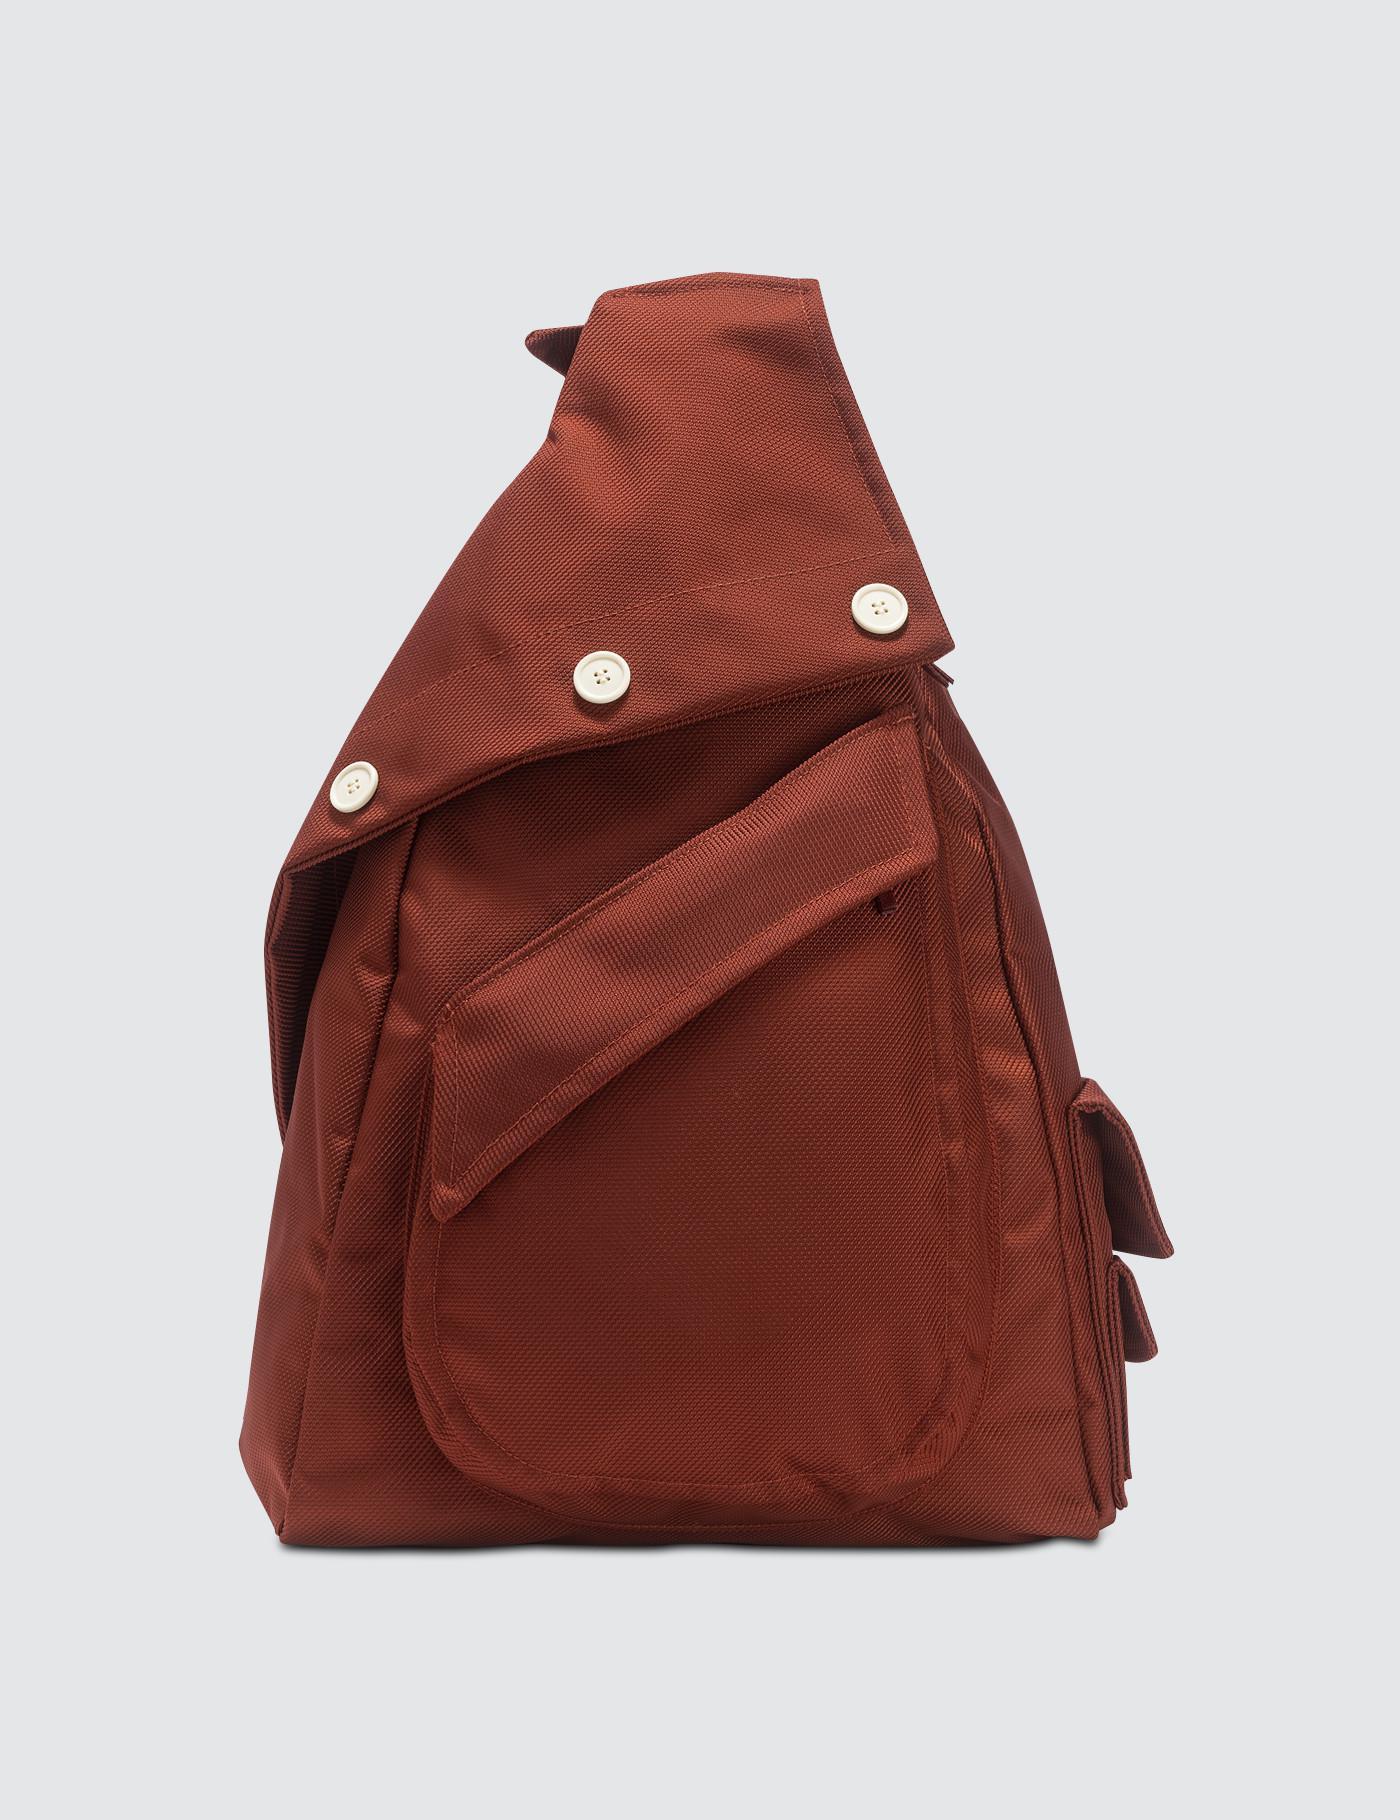 74e30af1c68 Raf Simons Organized Sling Backpack in Natural for Men - Lyst